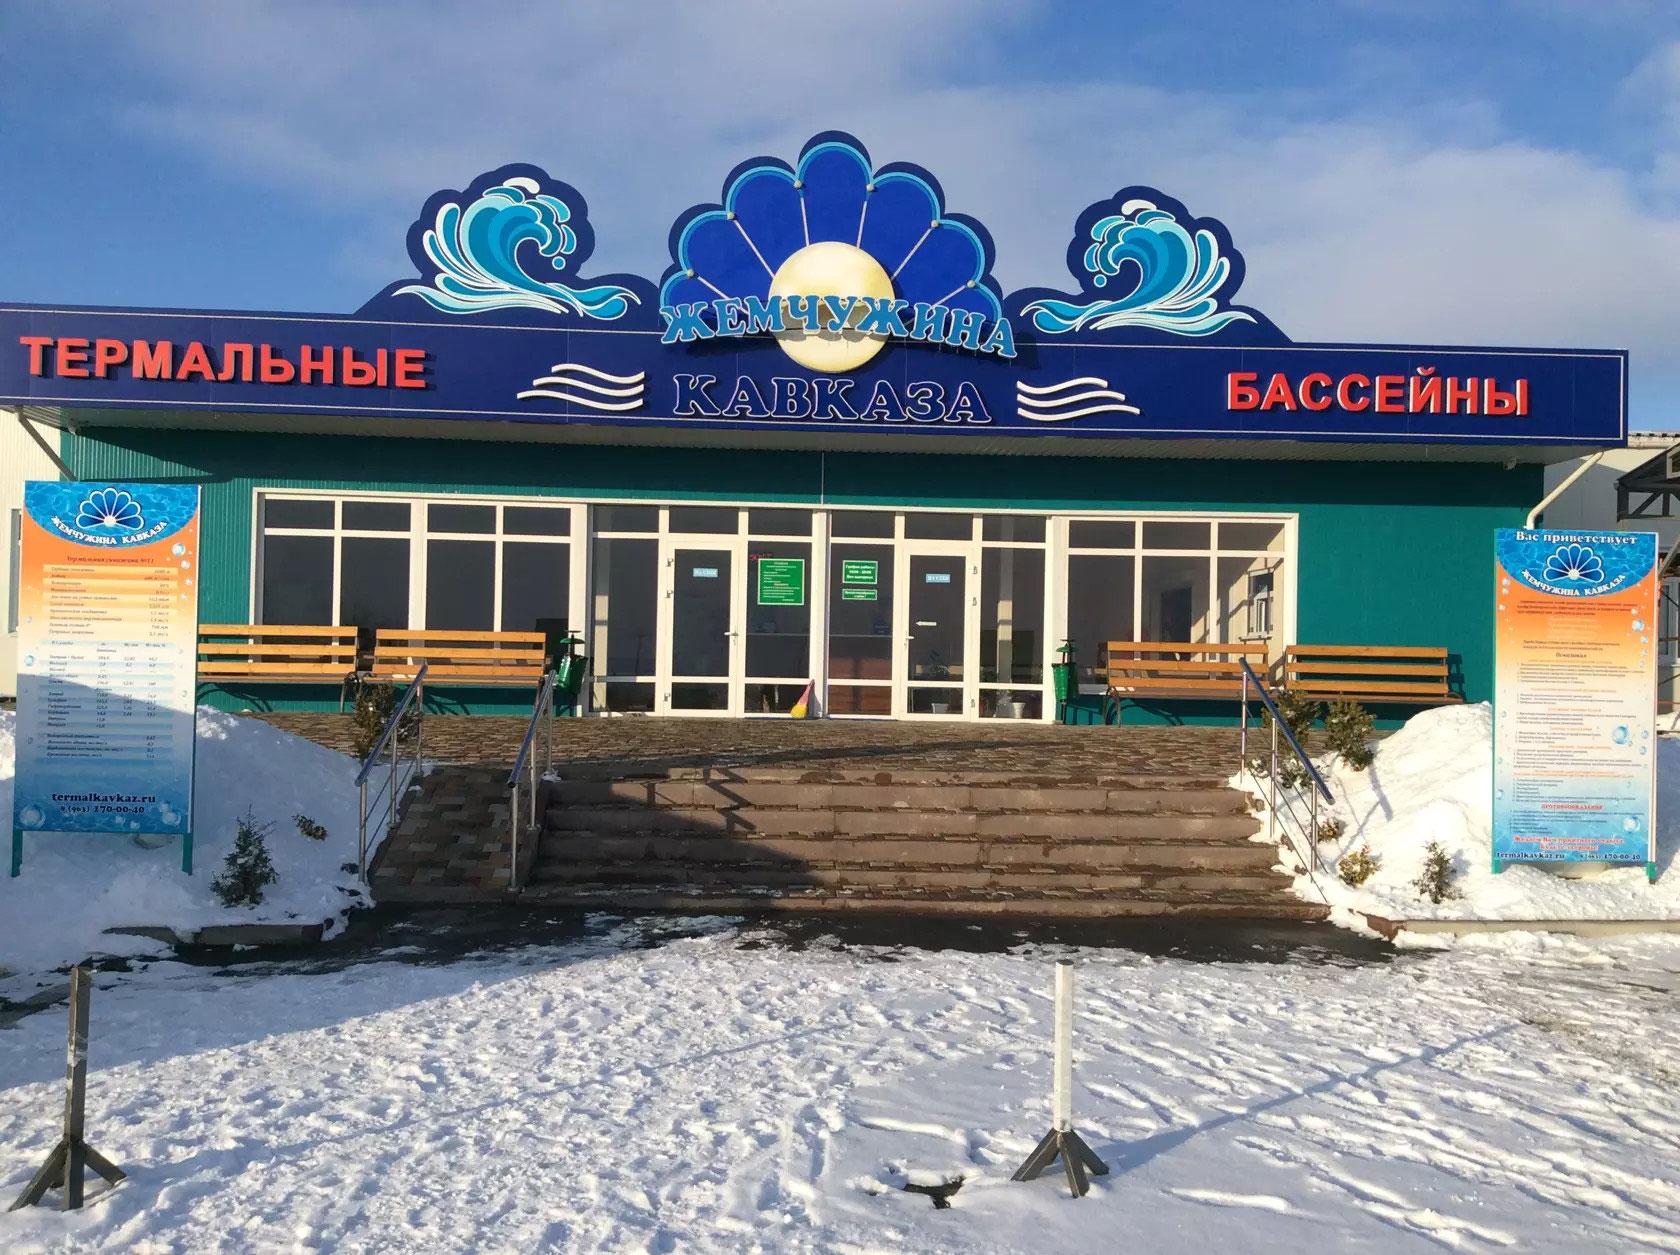 Термальные источники в Черкесске